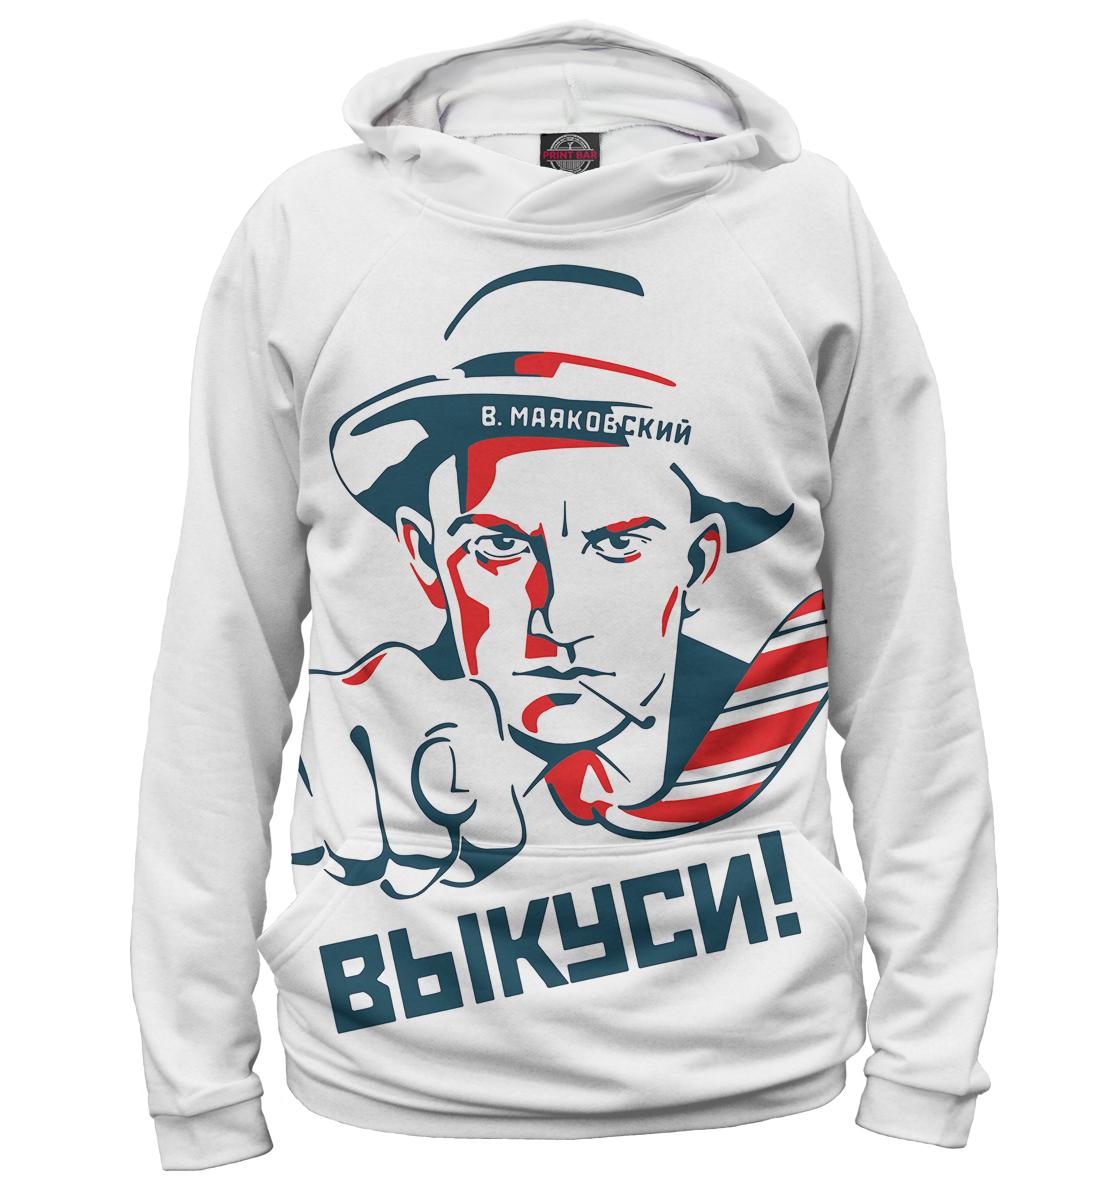 Купить Владимир Маяковский, Printbar, Худи, IST-750260-hud-1